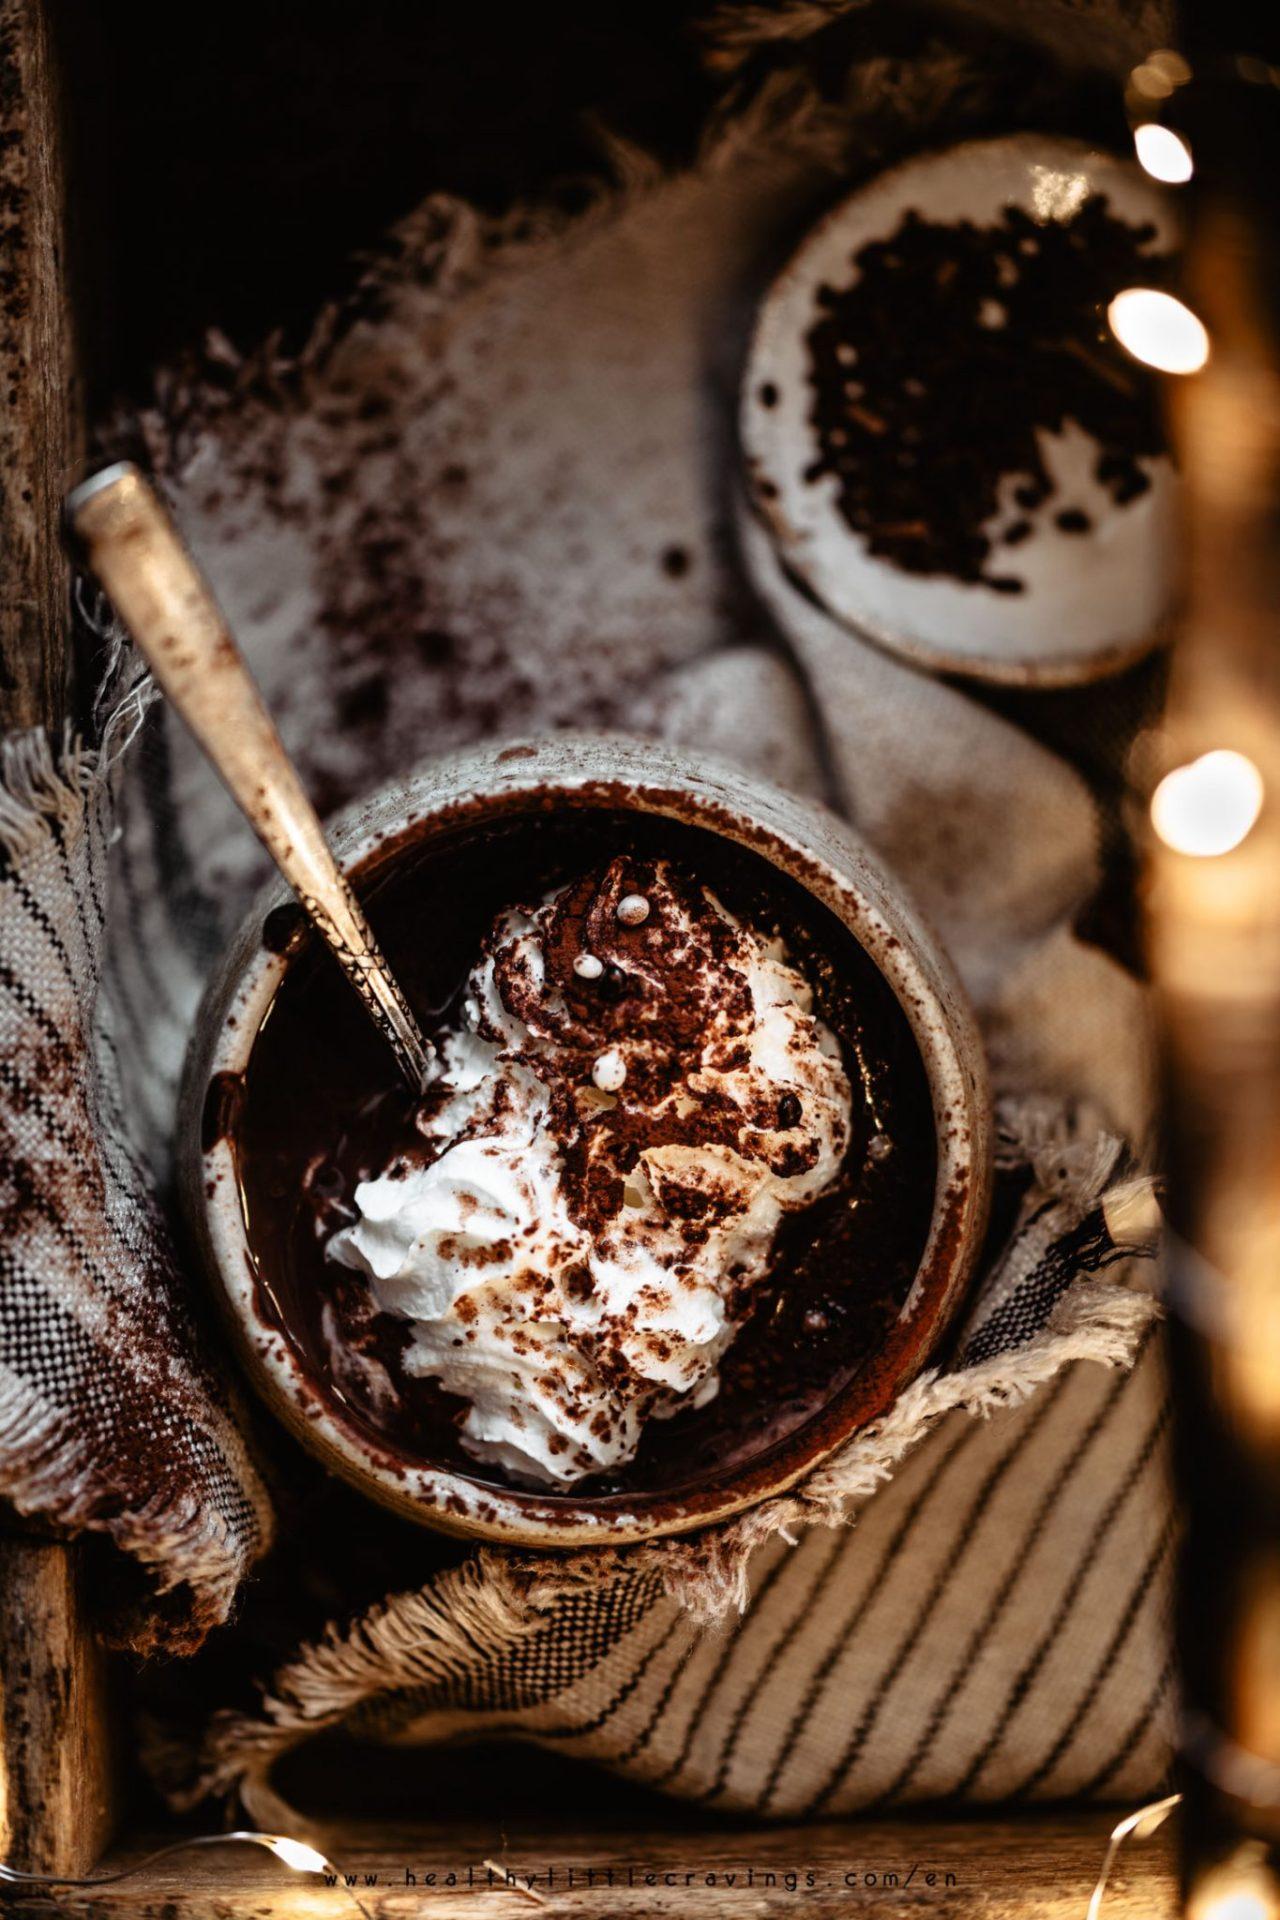 Gluten free hotchocolate